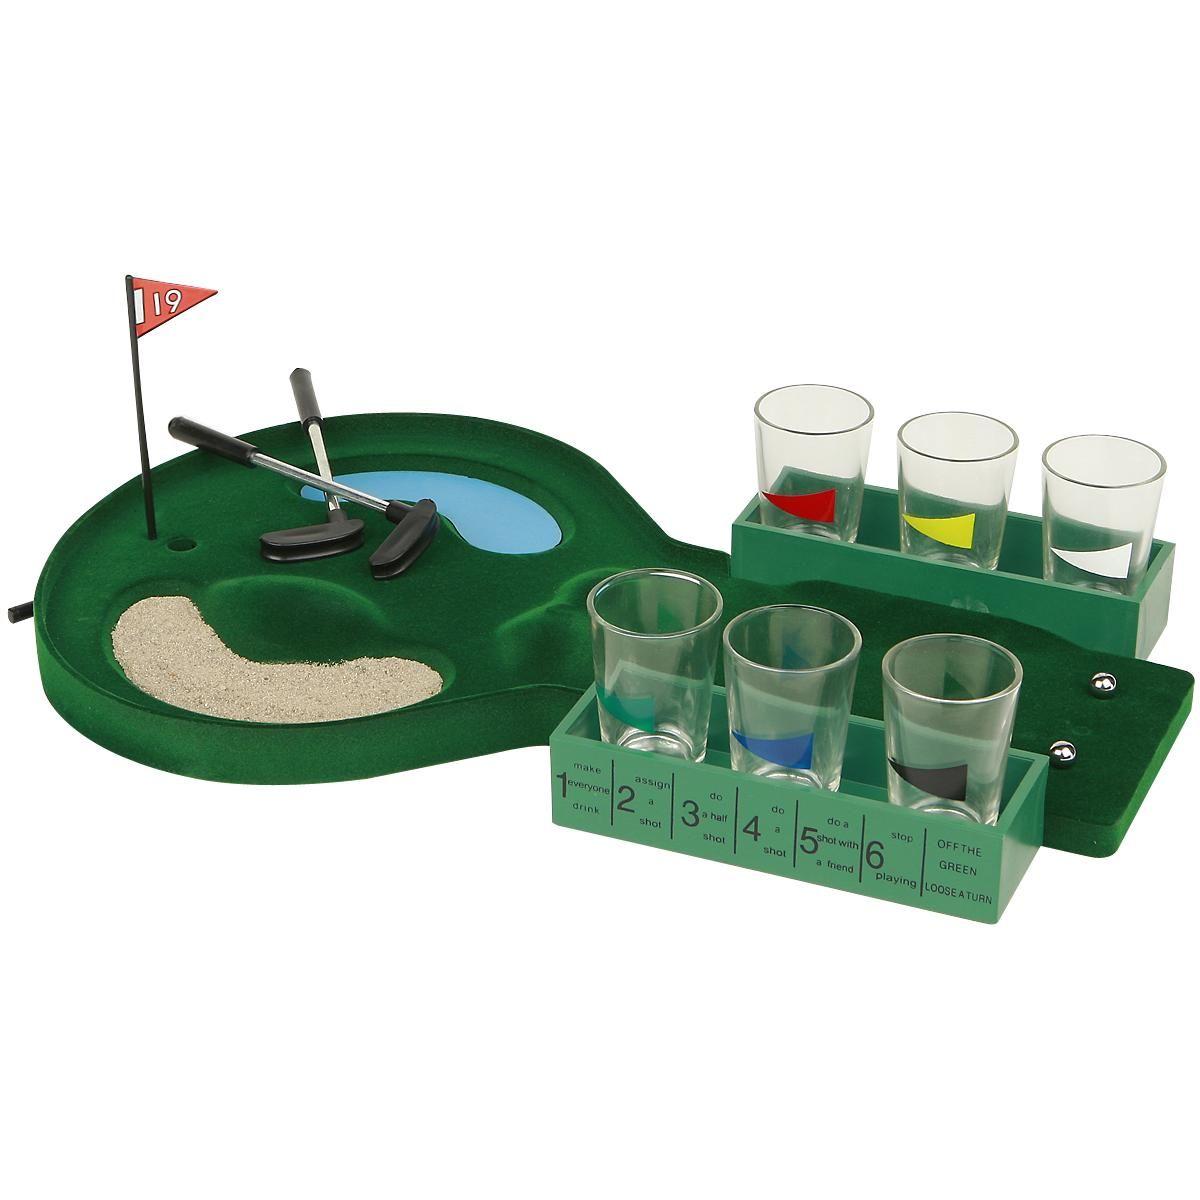 Hupaisa kahden hengen golfjuomapeli. Setti sisältää kuusi lasia, kaksi metallista kuulaa, kaksi pientä golfmailaa (13.5 cm) ja muovinen pelialusta. Lasit eivät sovellu konepesuun.